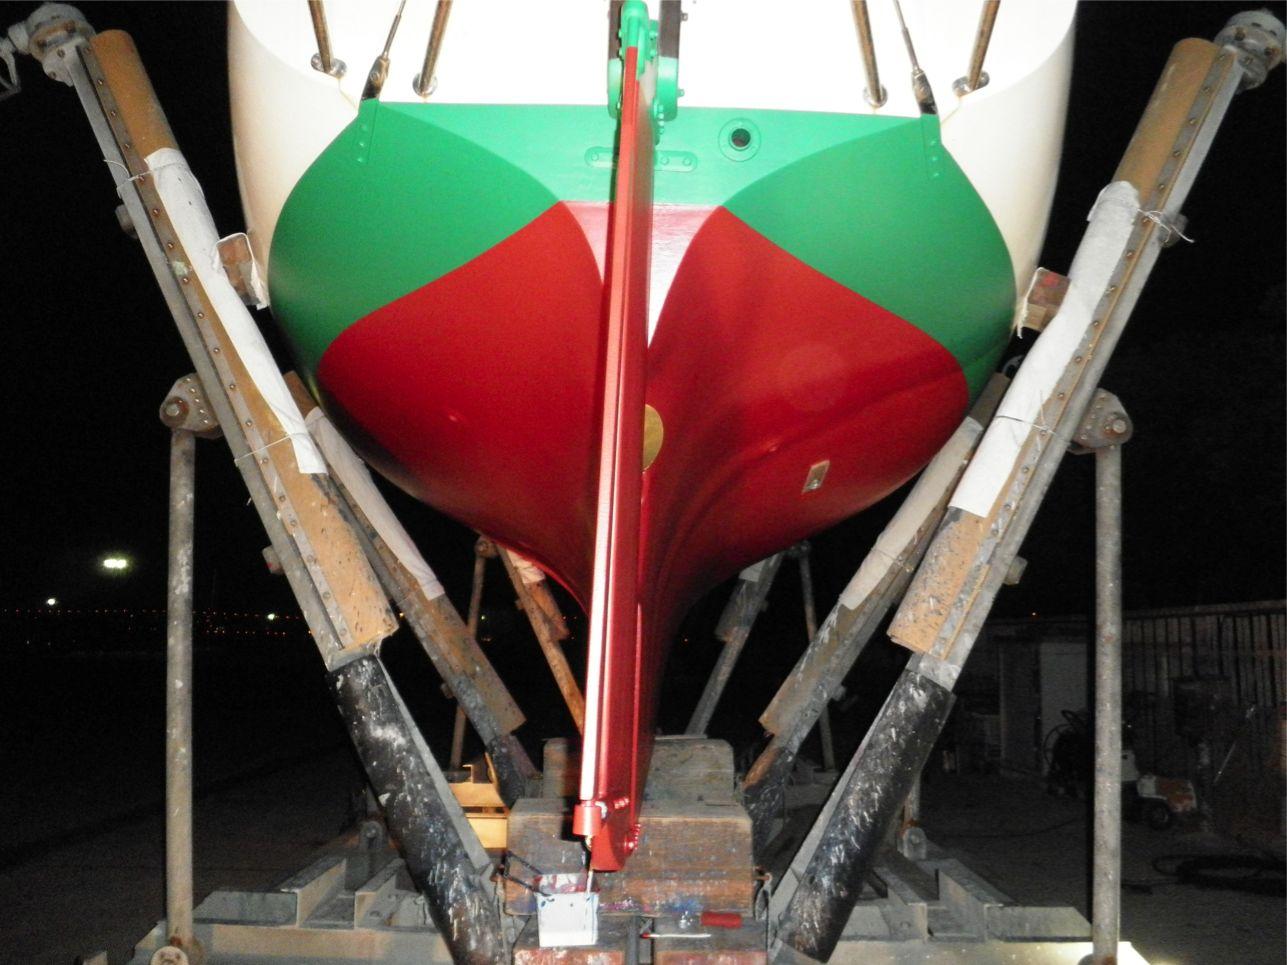 船底整備のすべて⑬ ハル 船底塗料033赤 塗装後_a0051924_22341530.jpg